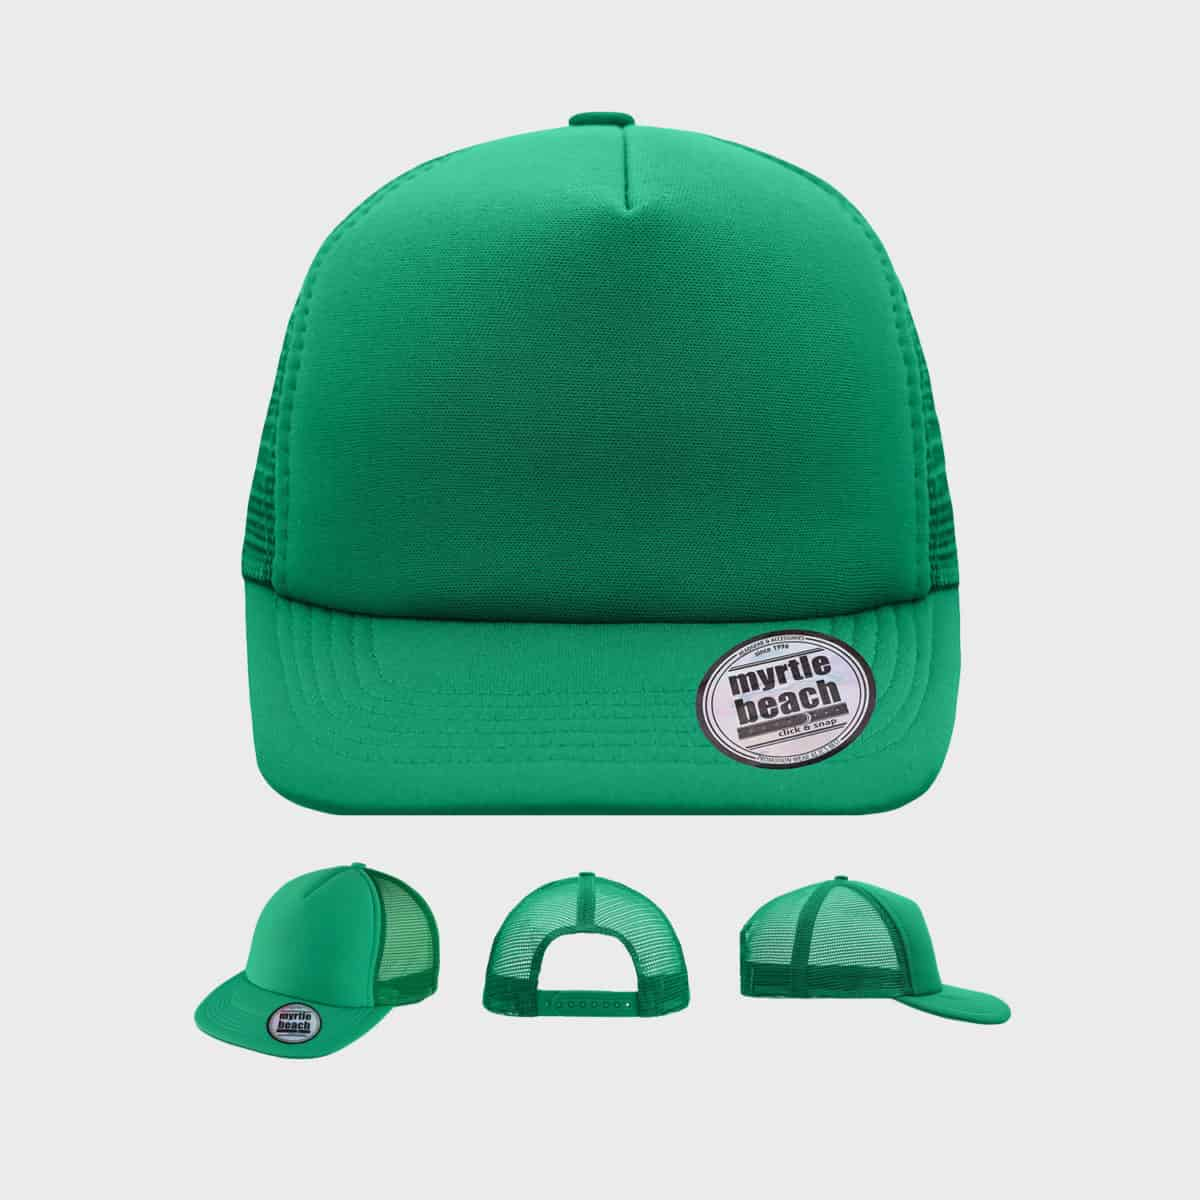 flat-visor-mesh-5-panel-cap-green-kaufen-besticken_stickmanufaktur